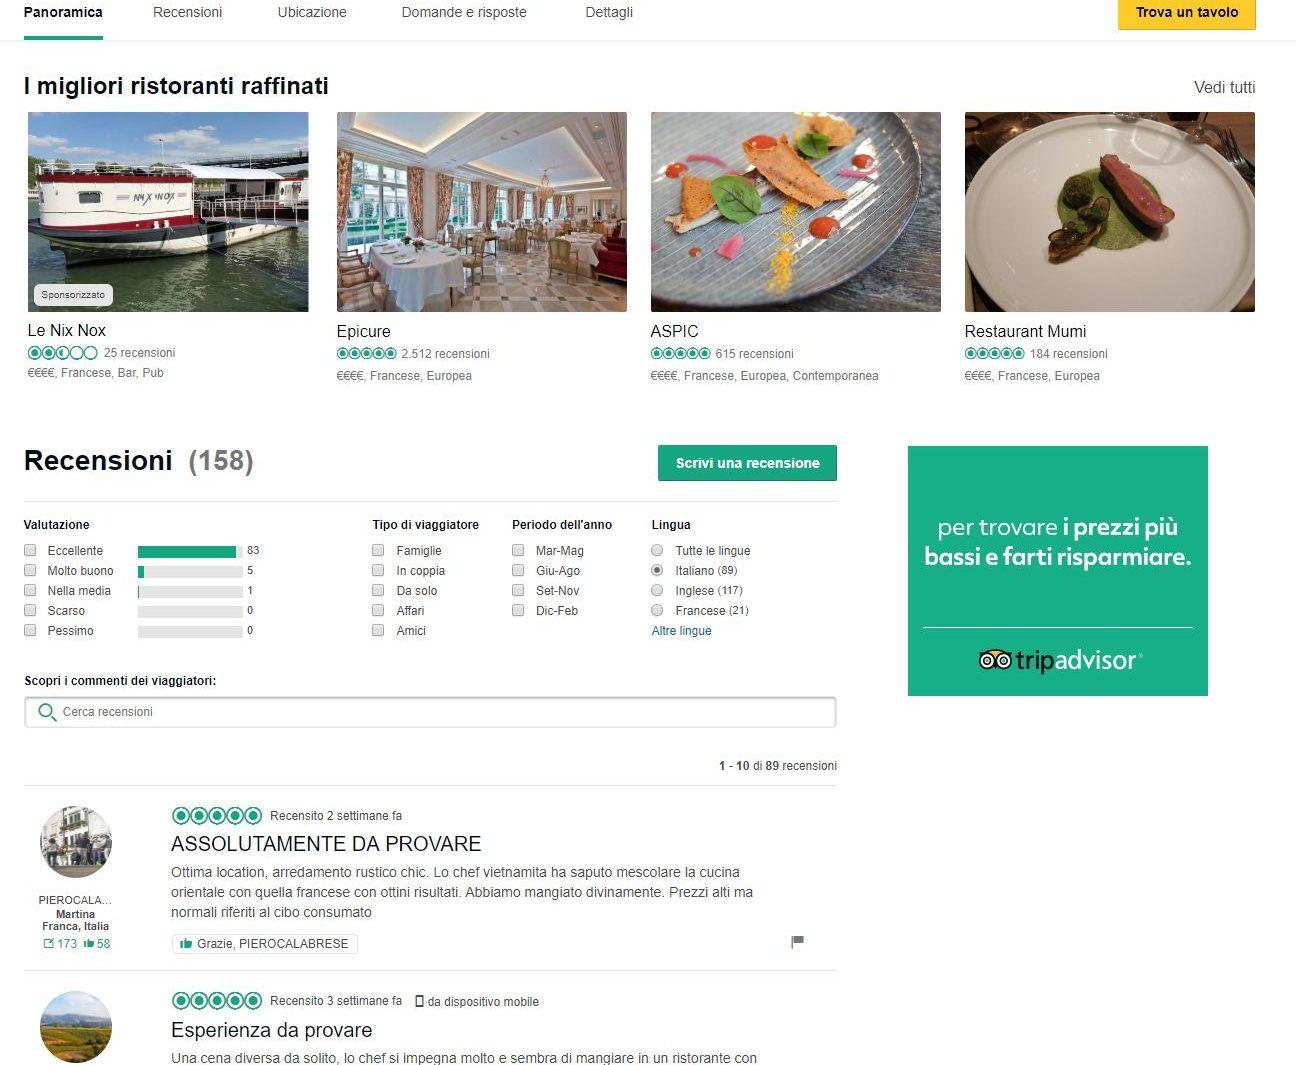 Uno screenshot di Tripadvisor con alcune recensioni